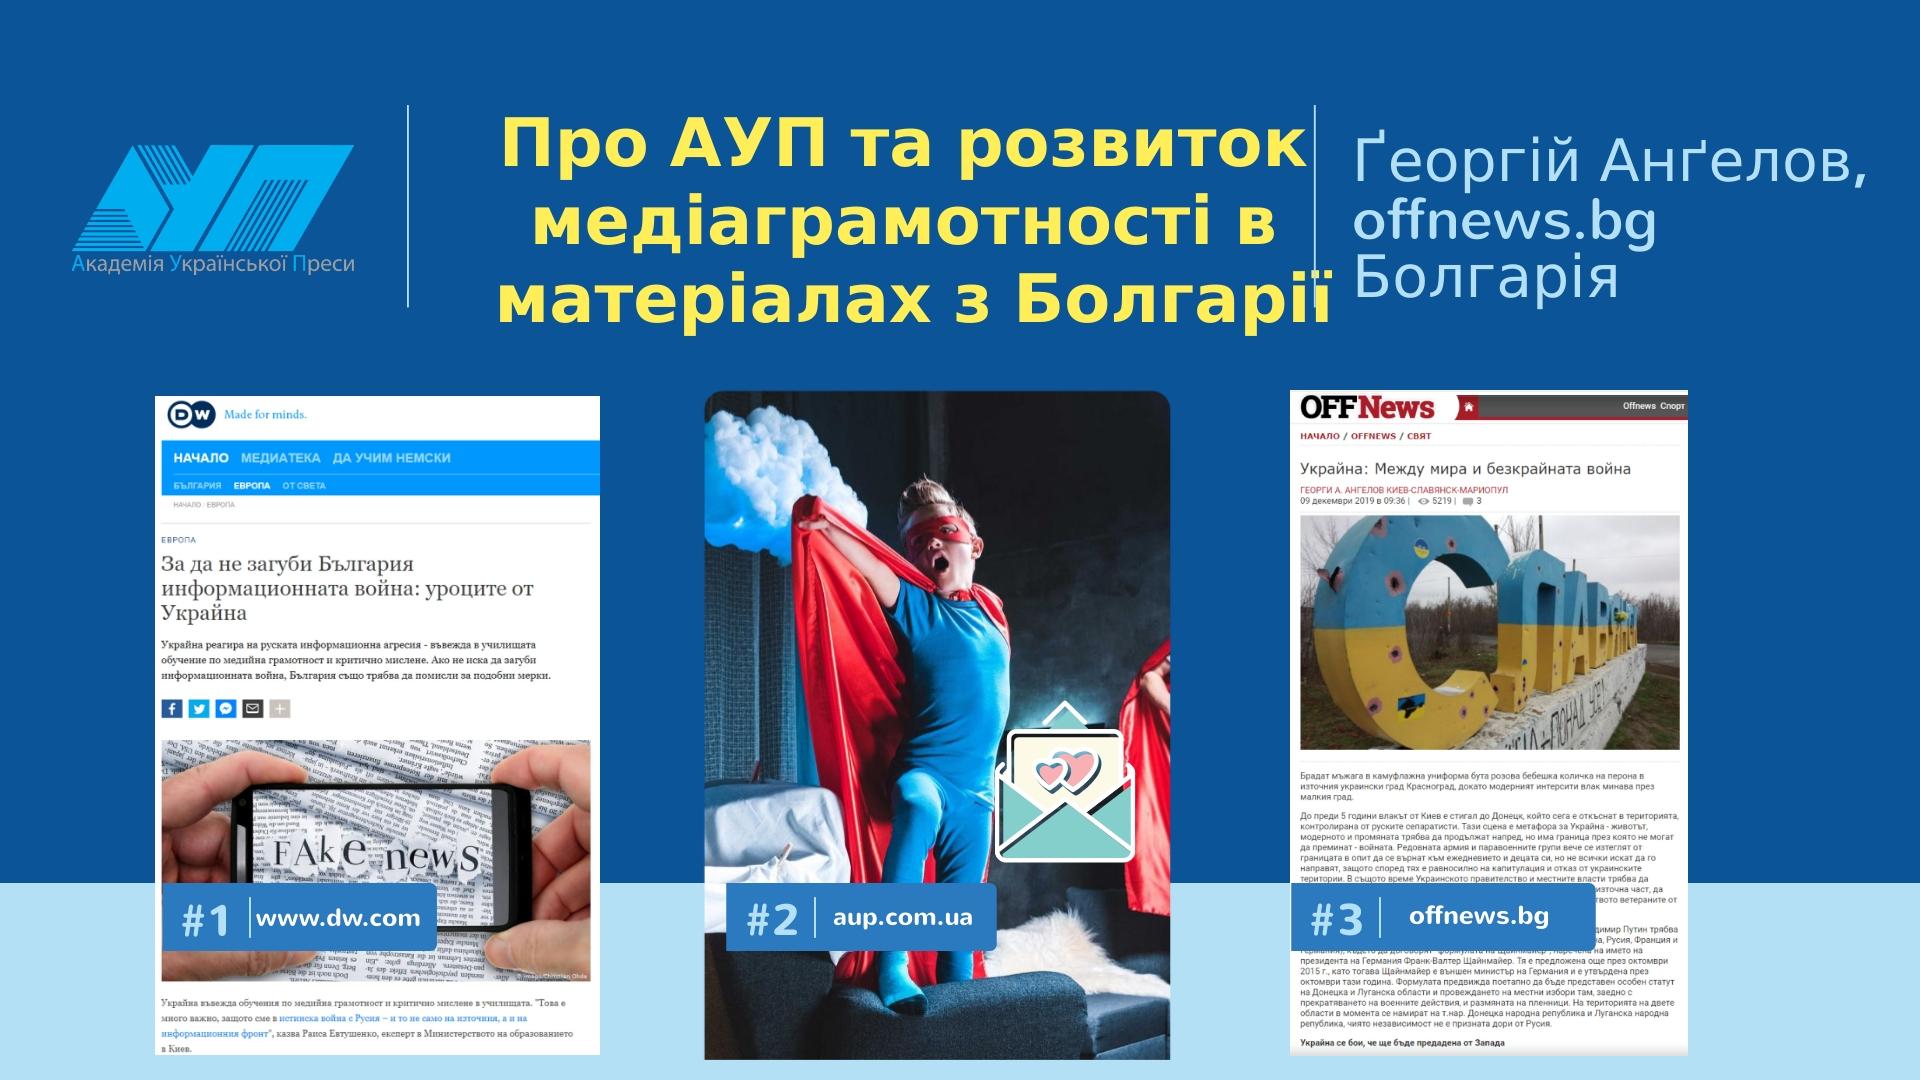 Про нас пишуть. Про АУП та розвиток медіаграмотності в матеріалах Ґеоргія Анґелова, кореспондента з Болгарії